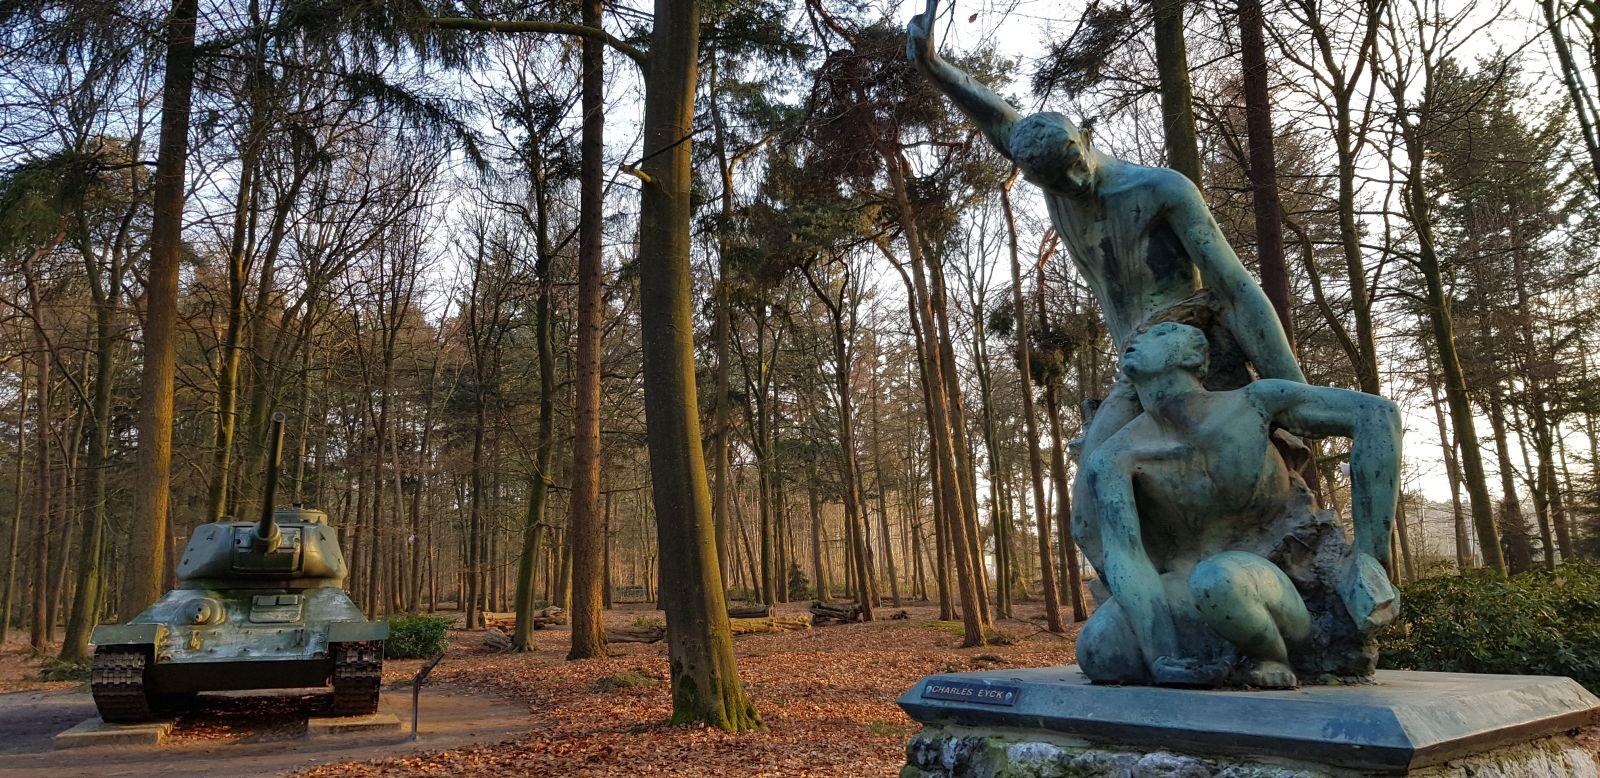 Tank met beeldende kunst in bosrijk park museum Overloon